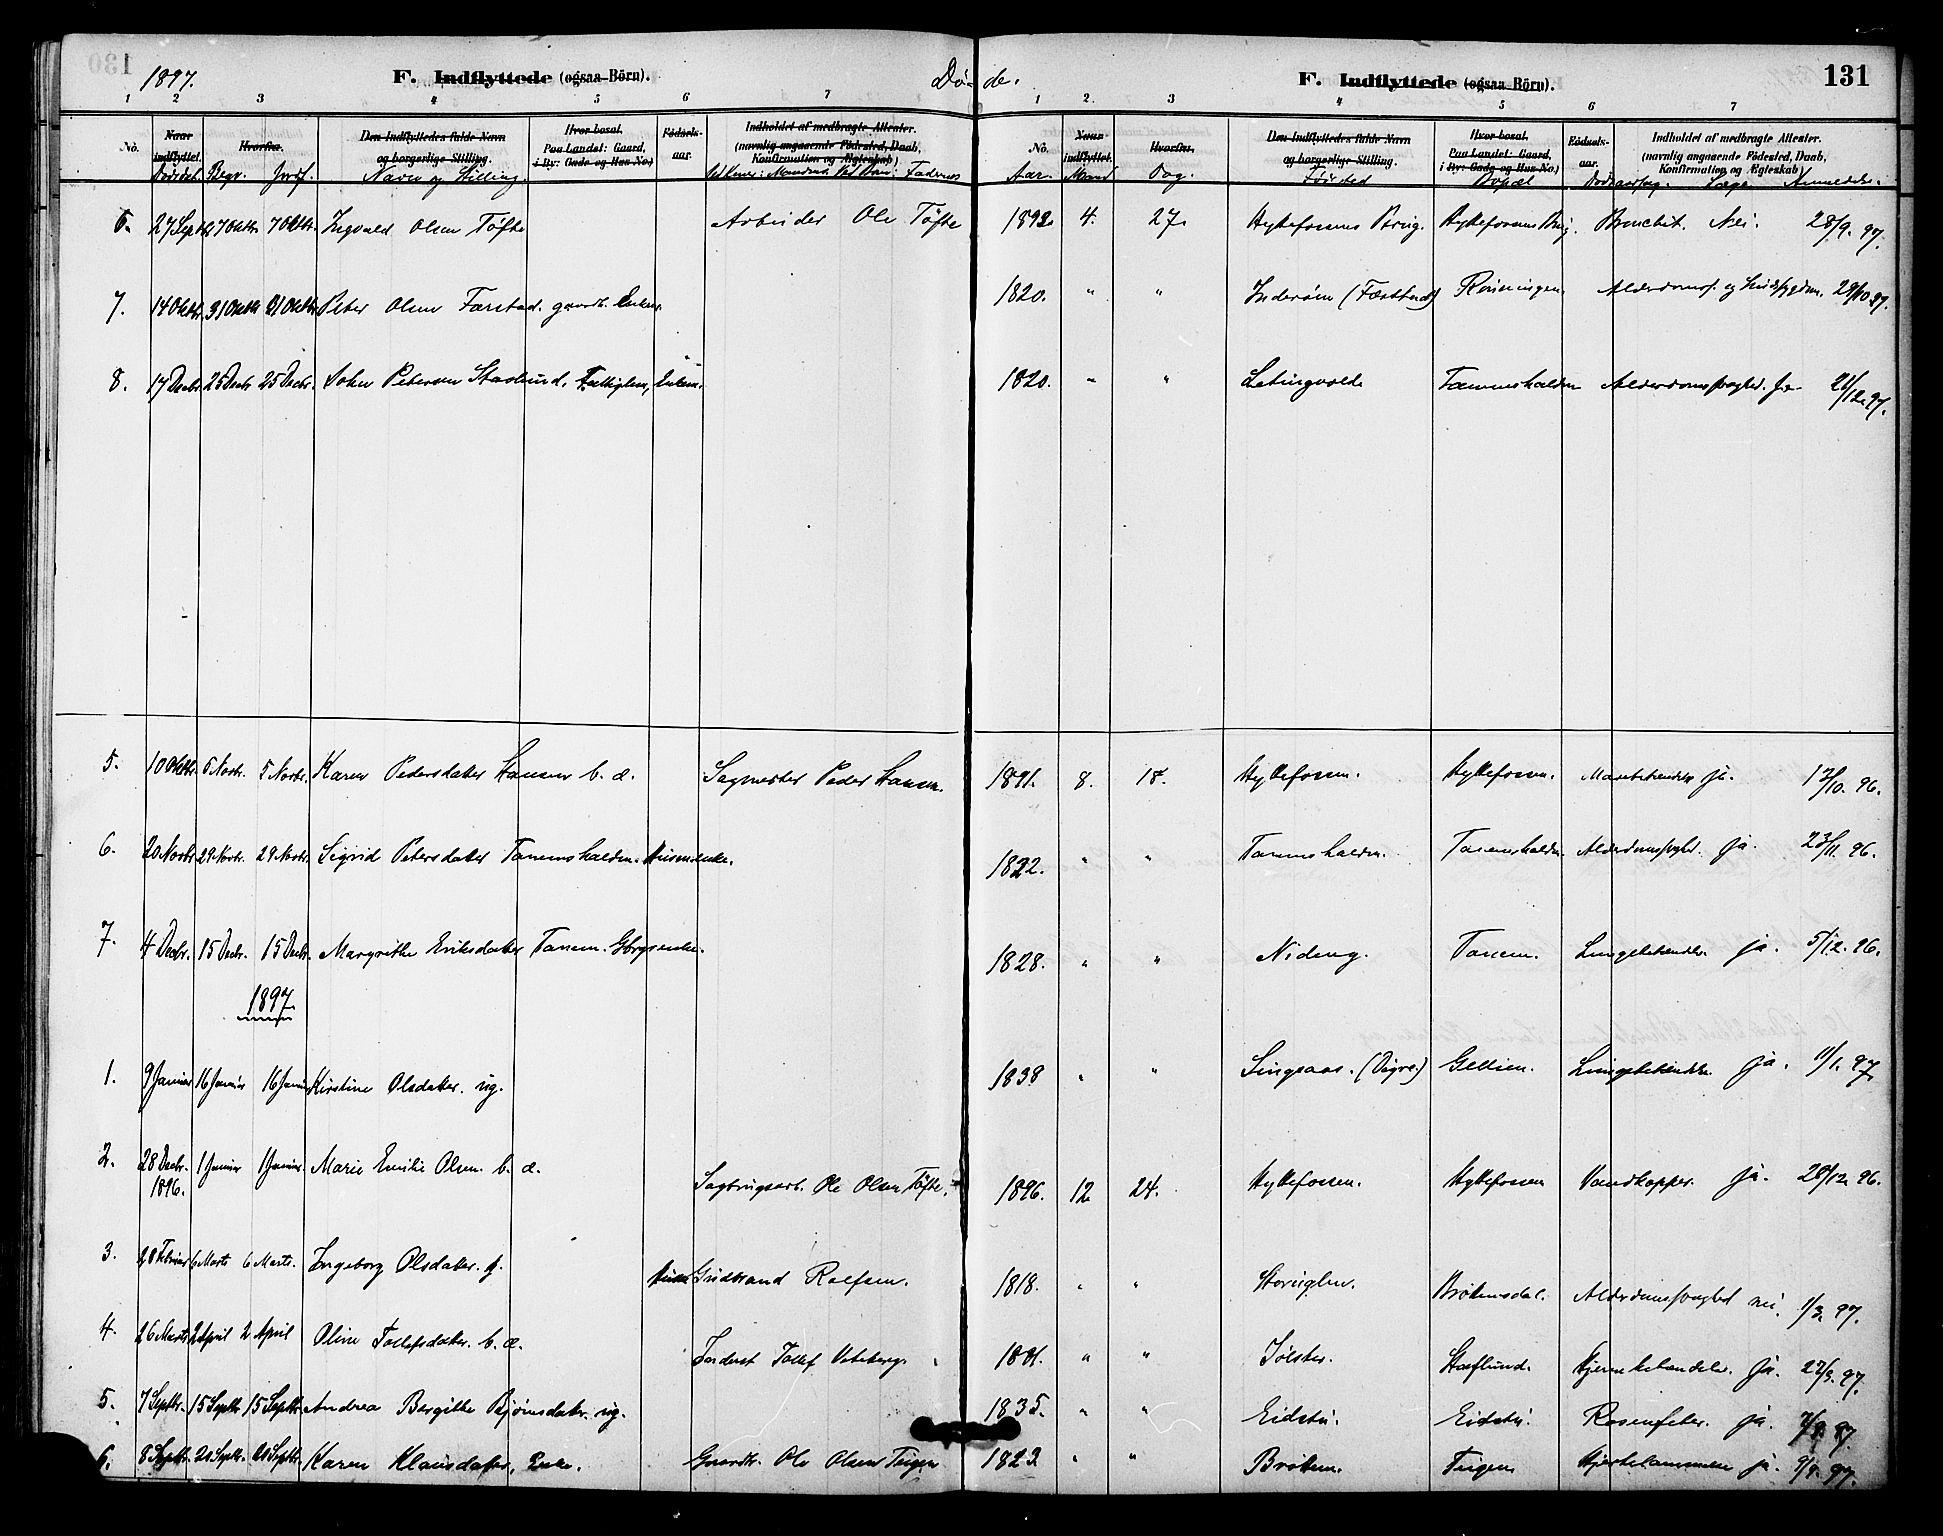 SAT, Ministerialprotokoller, klokkerbøker og fødselsregistre - Sør-Trøndelag, 618/L0444: Ministerialbok nr. 618A07, 1880-1898, s. 131